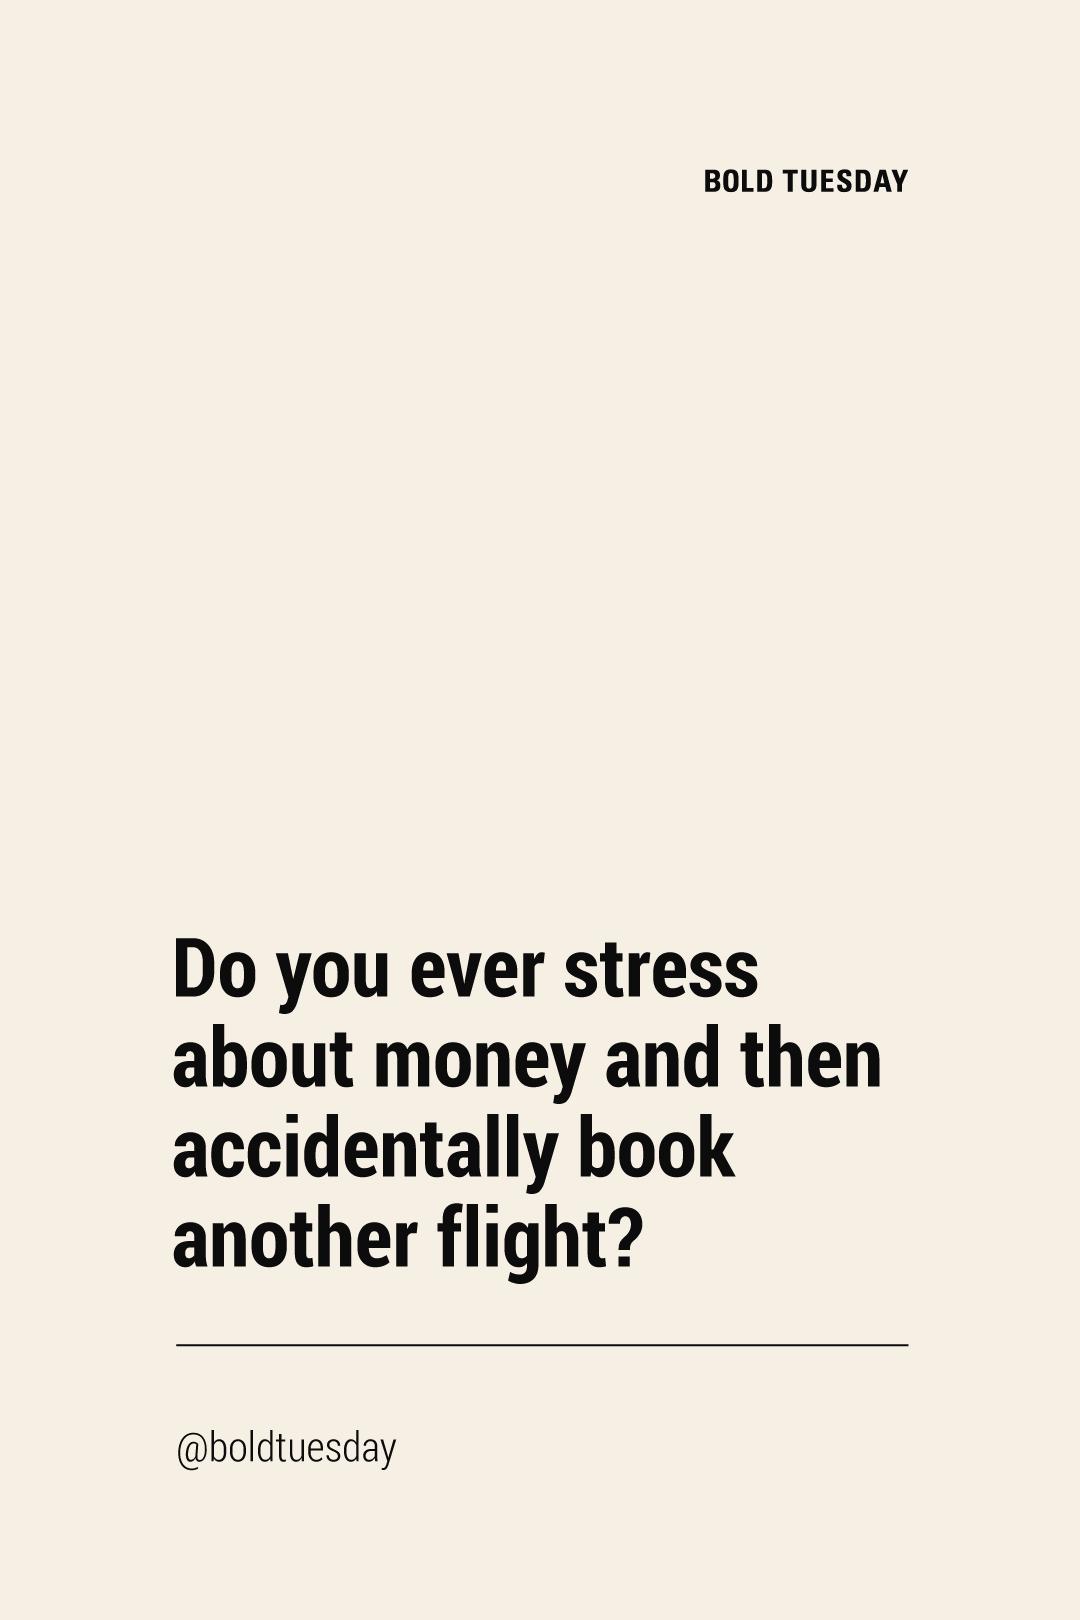 100+ Original Travel Quotes That Make You Laugh – • Q U O T E S •